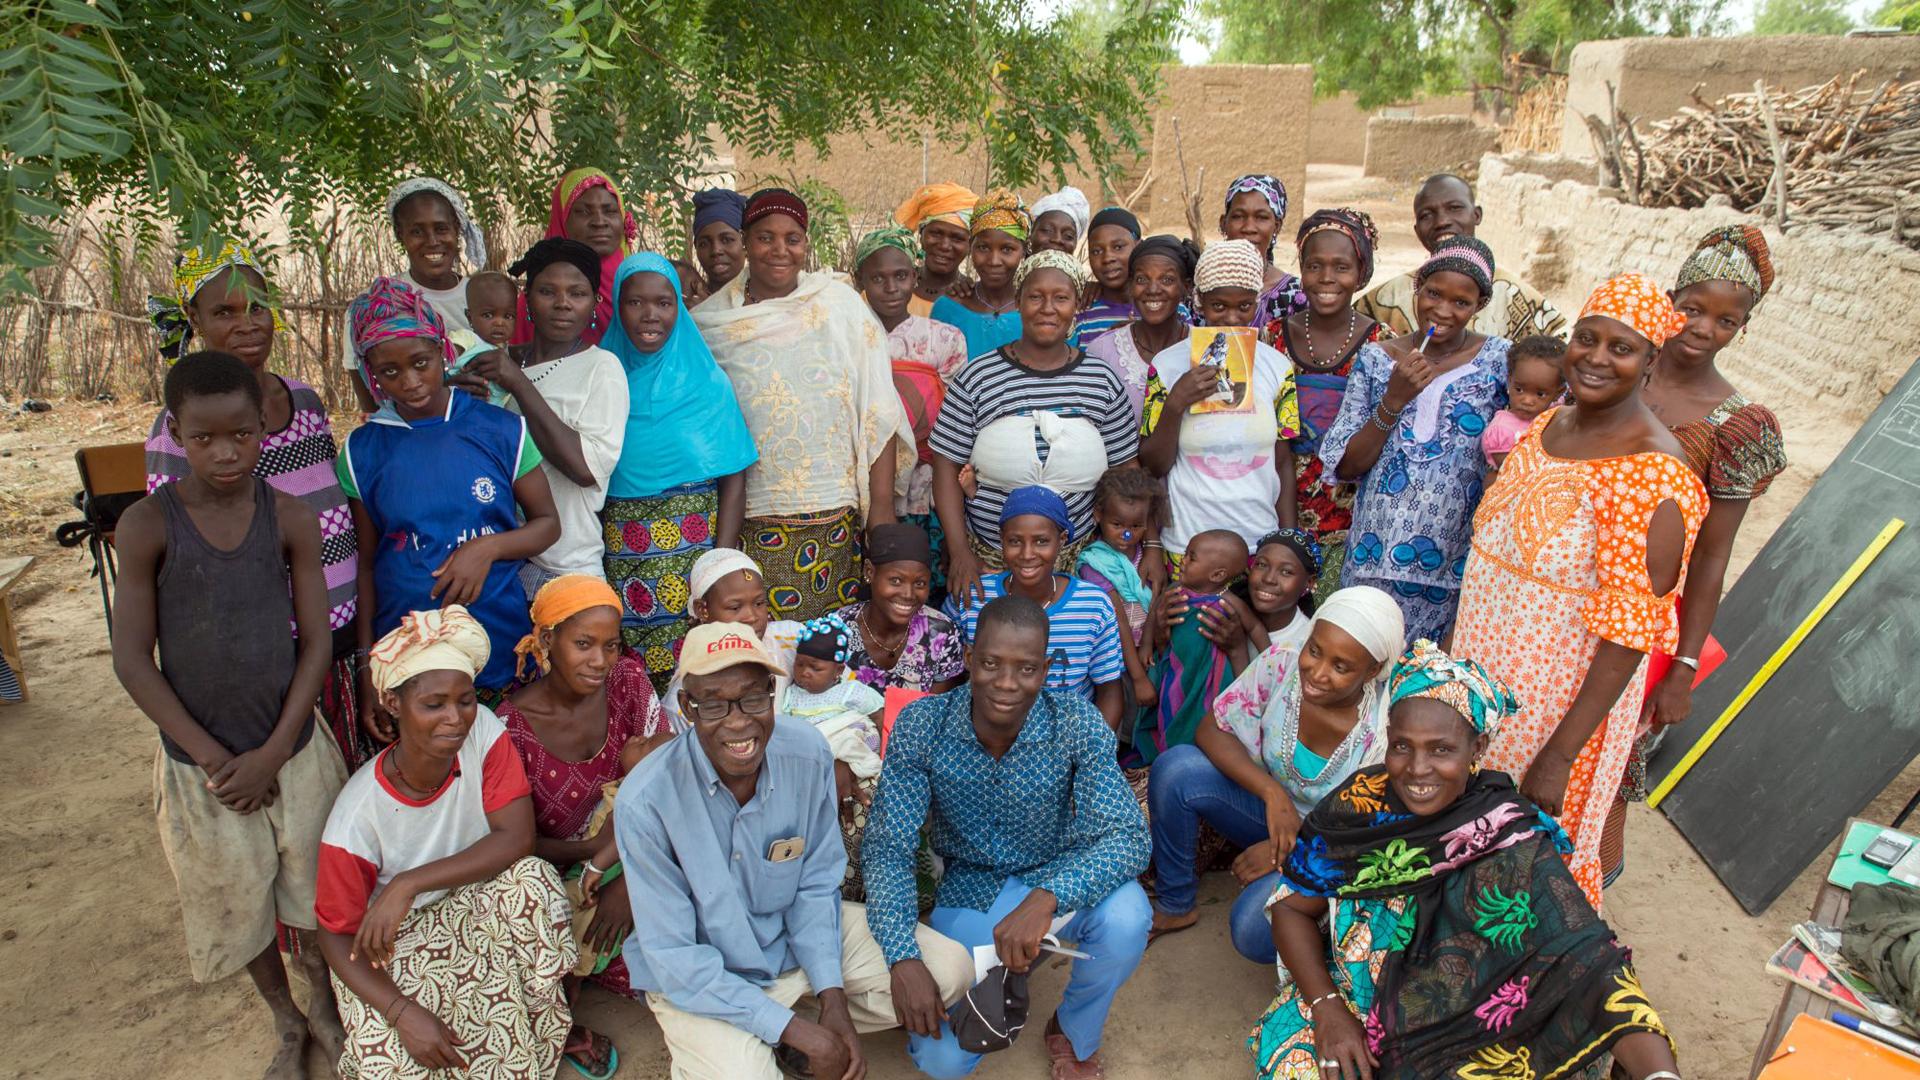 Kleinbäuerinnen und Kleinbauern in Burkina Faso